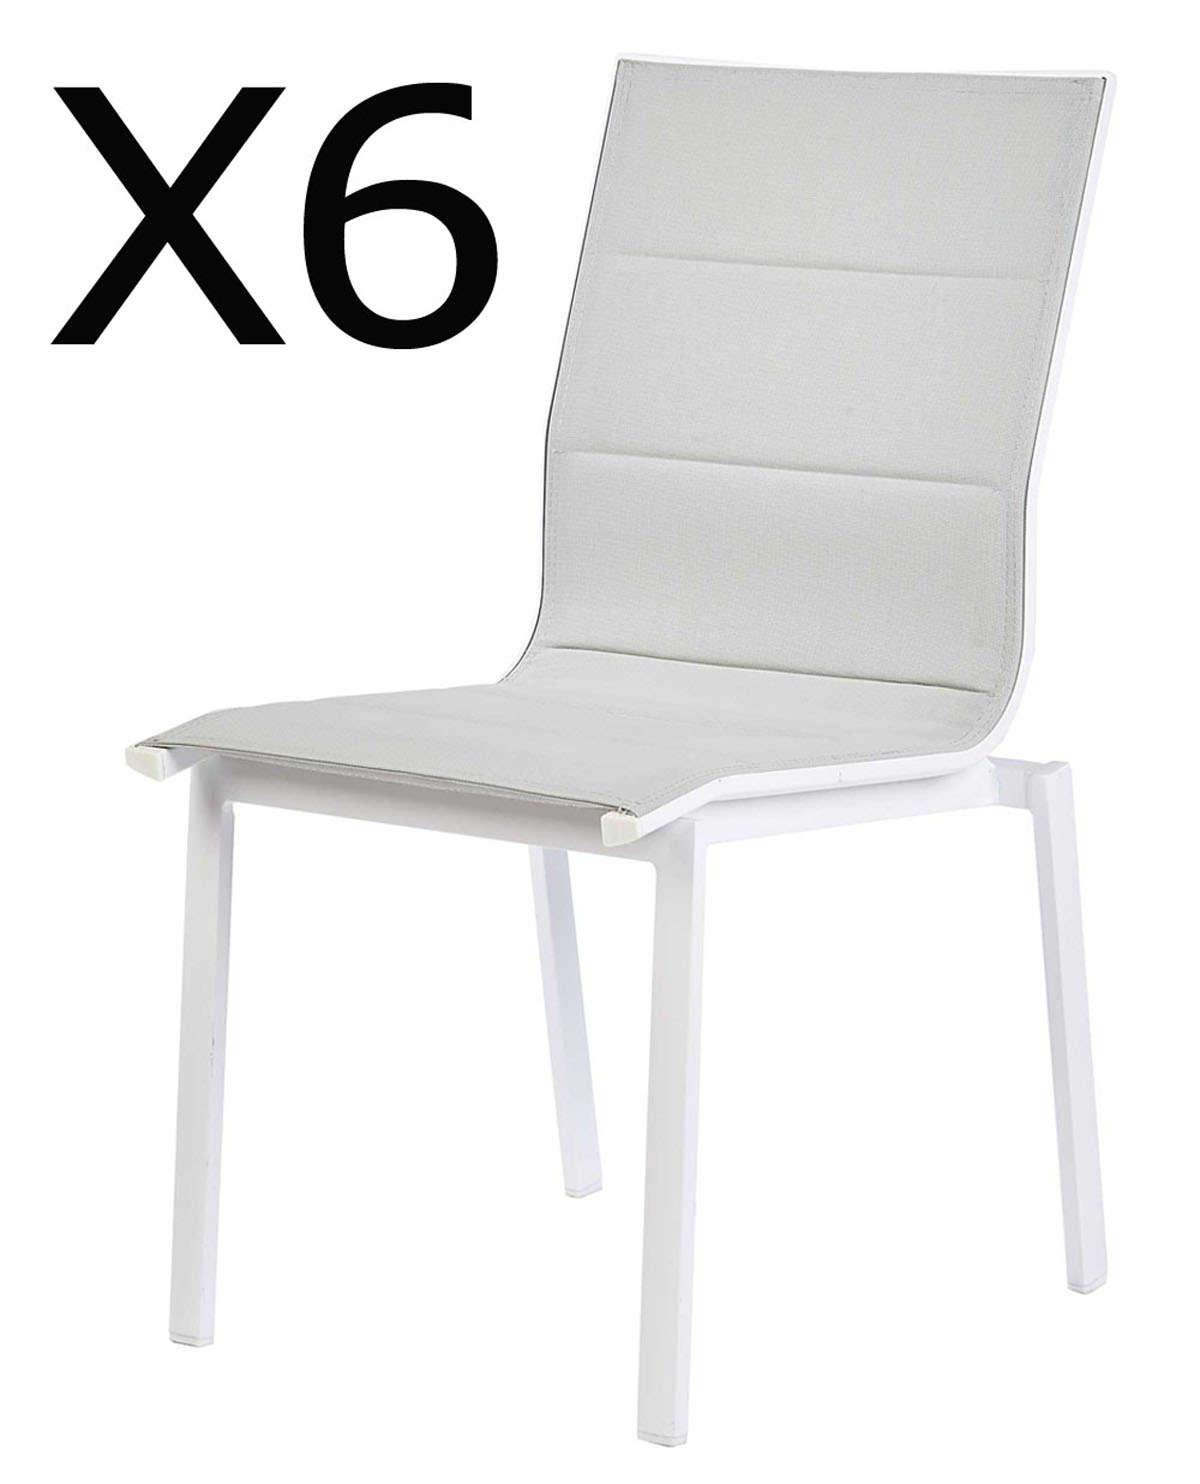 Lot De 6 Chaises De Jardin En Aluminium Coloris Blanc tout Lot De 6 Chaises But